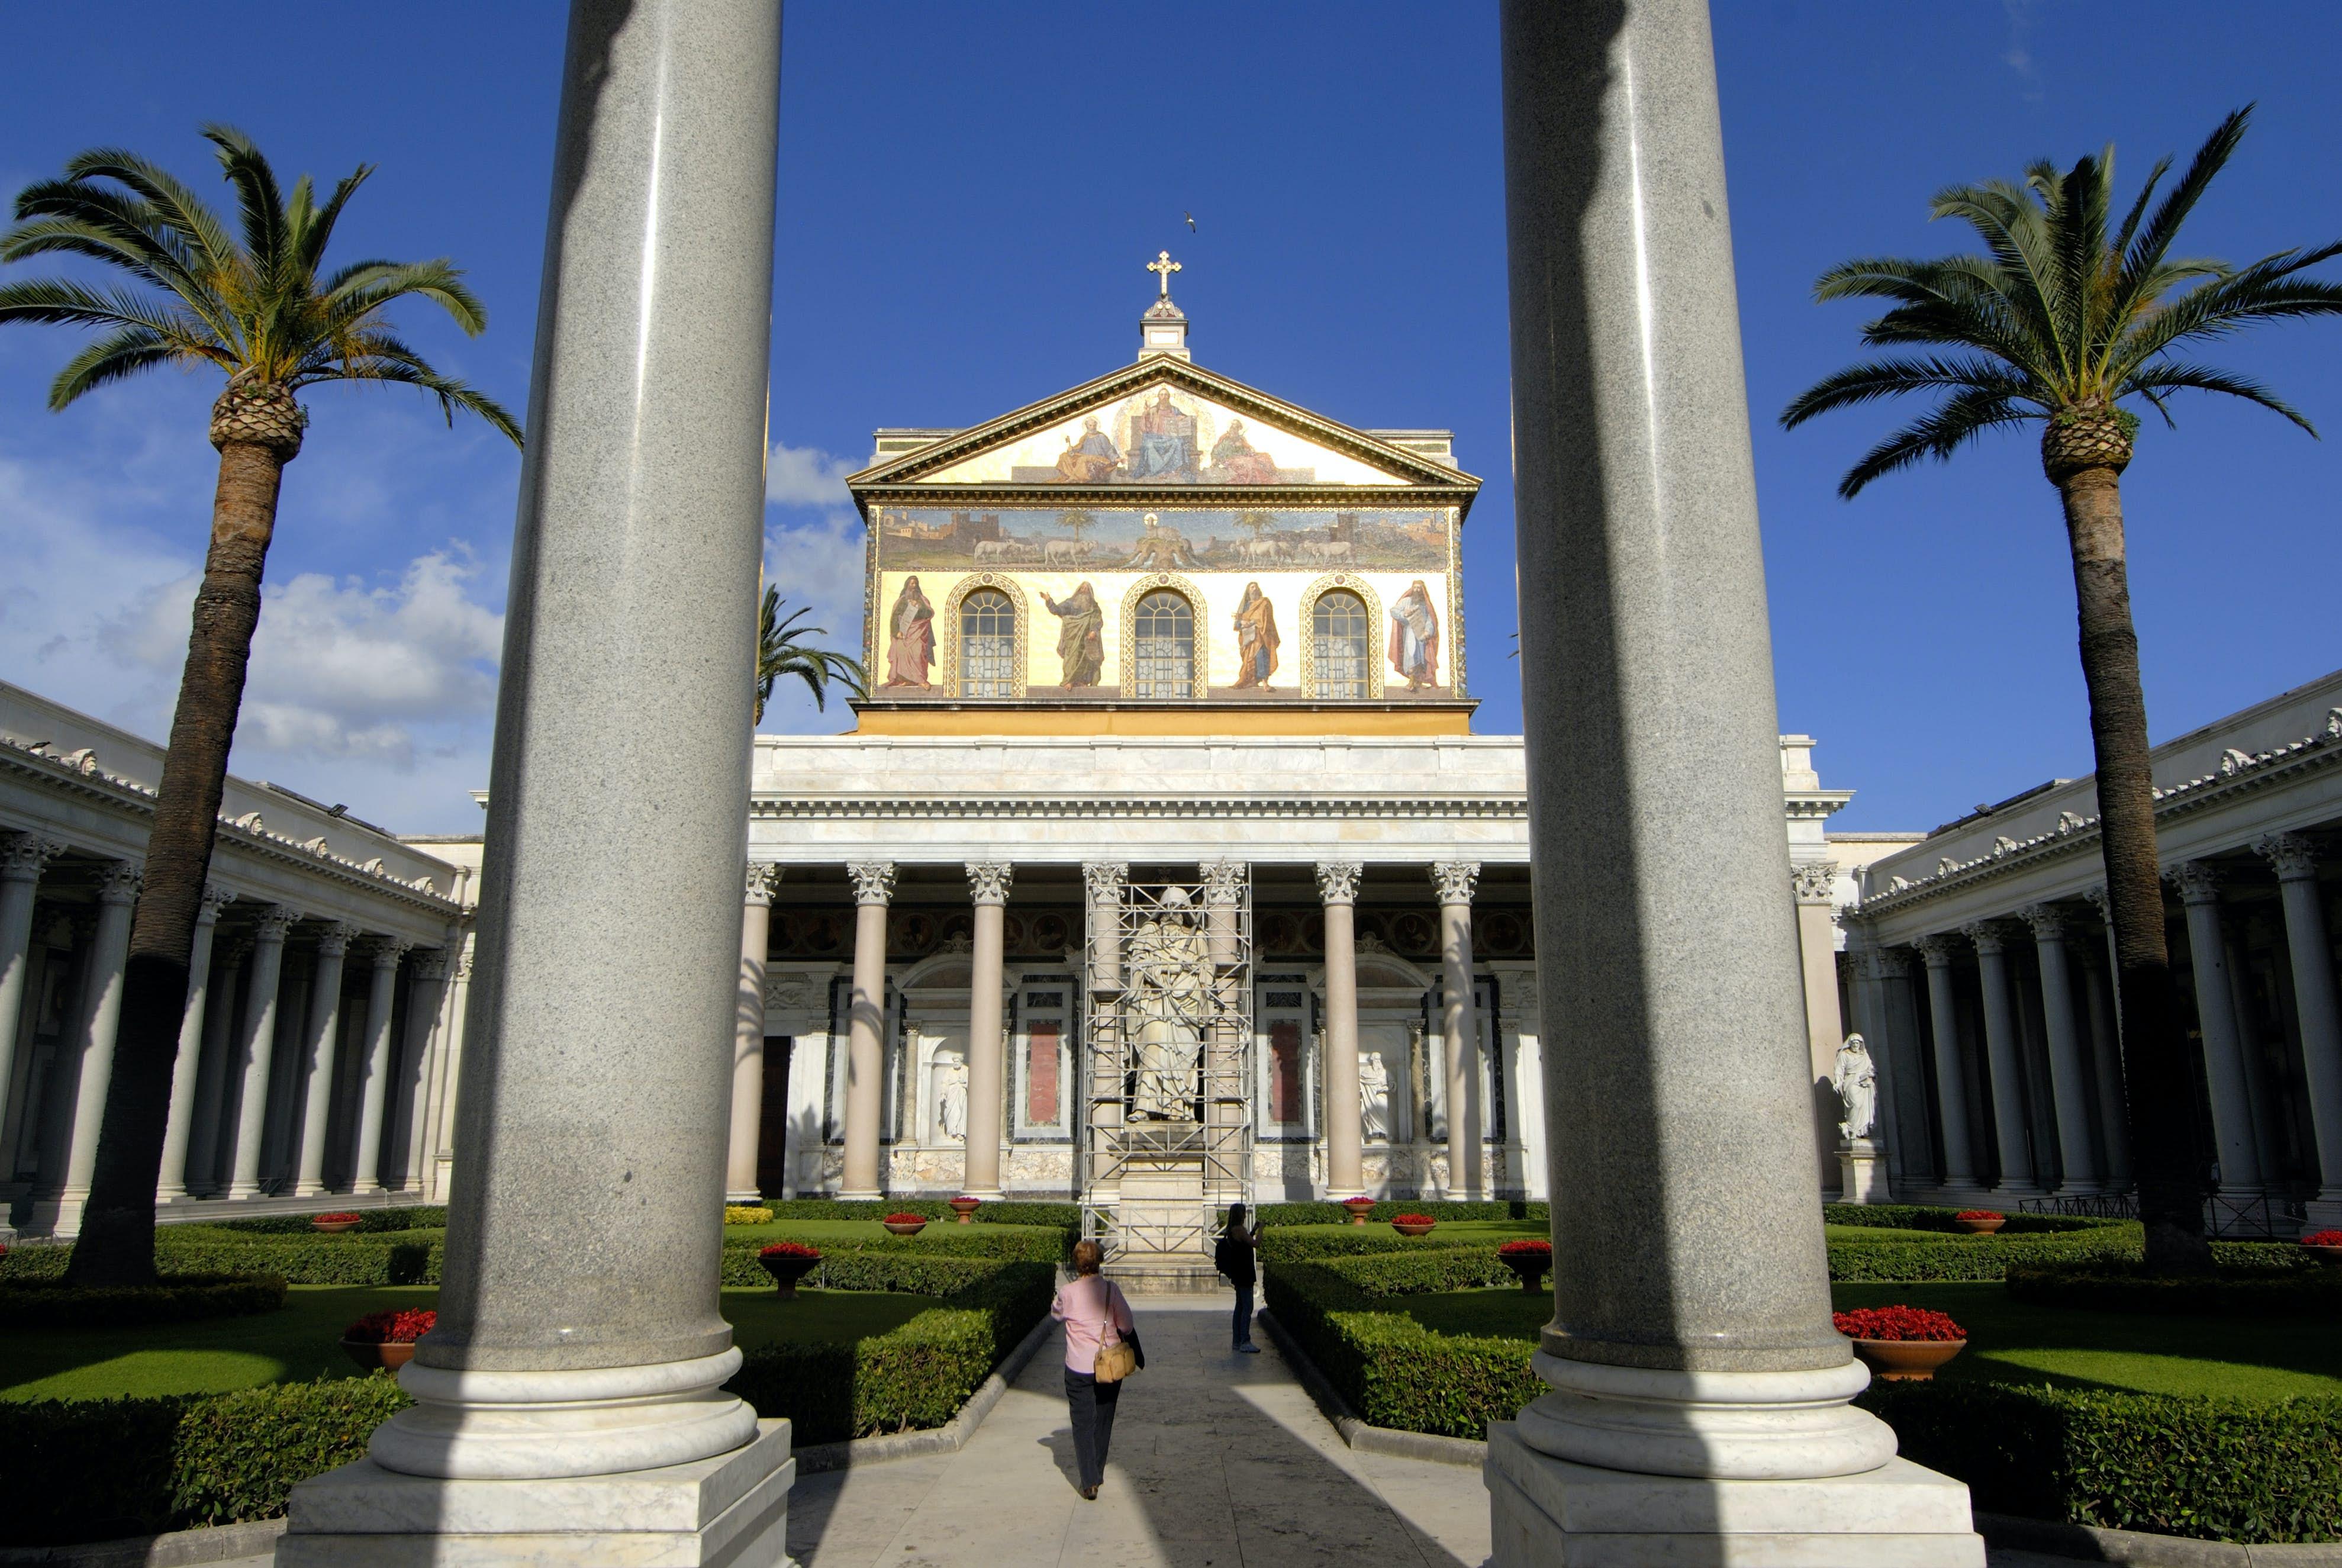 Basilica Di San Paolo Fuori Le Mura Rome Italy Attractions Lonely Planet